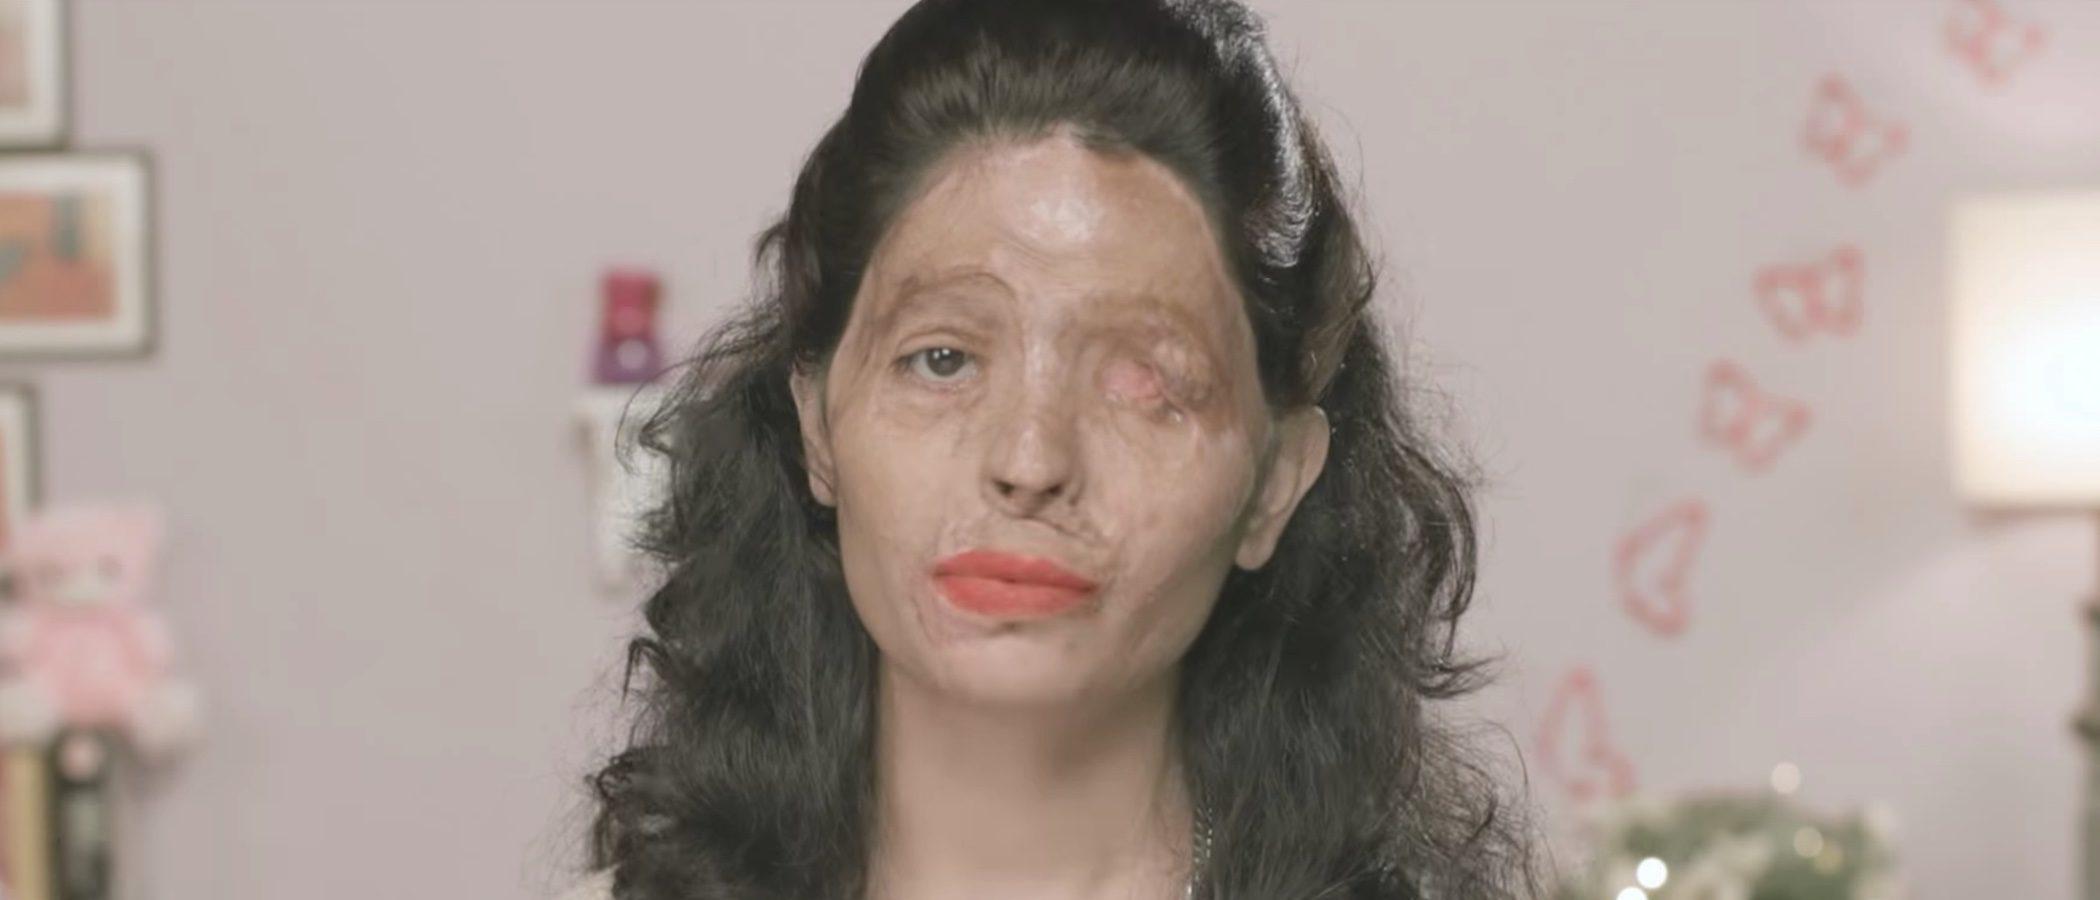 La Semana de la Moda de Nueva York tiene nueva modelo: una víctima de un ataque con ácido